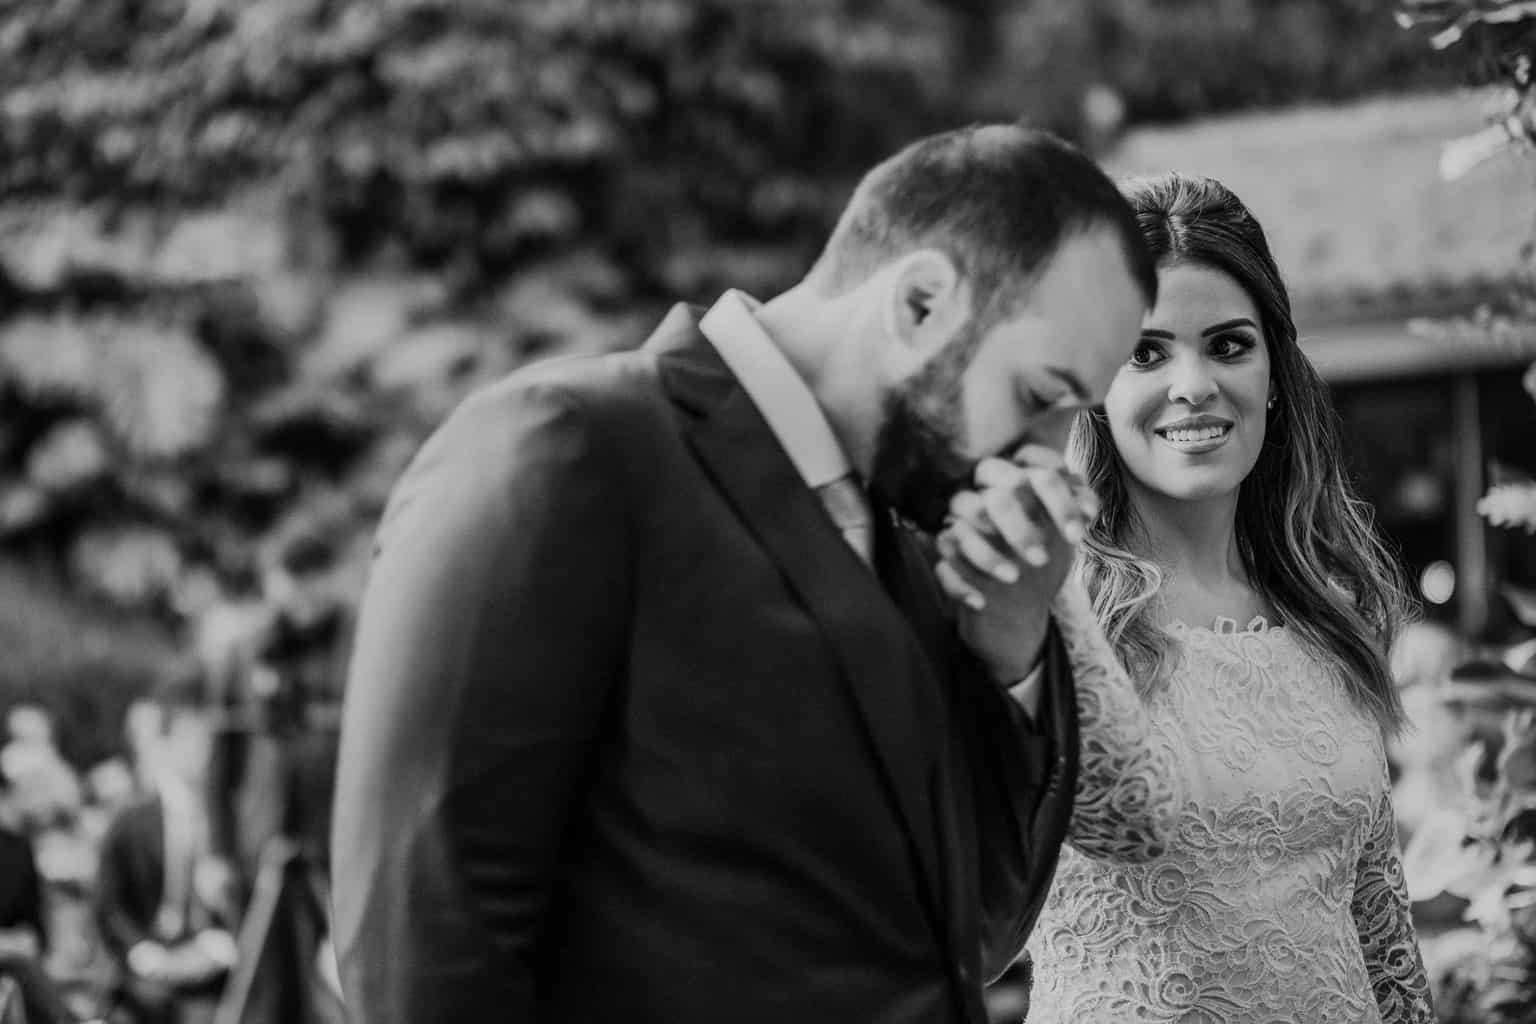 casamento-na-serra-cerimonia-ao-ar-livre-Fotografia-Renata-Xavier-Les-Amies-Cerimonial-Locanda-Della-Mimosa-Natalia-e-Bruno-noivos-no-altar389